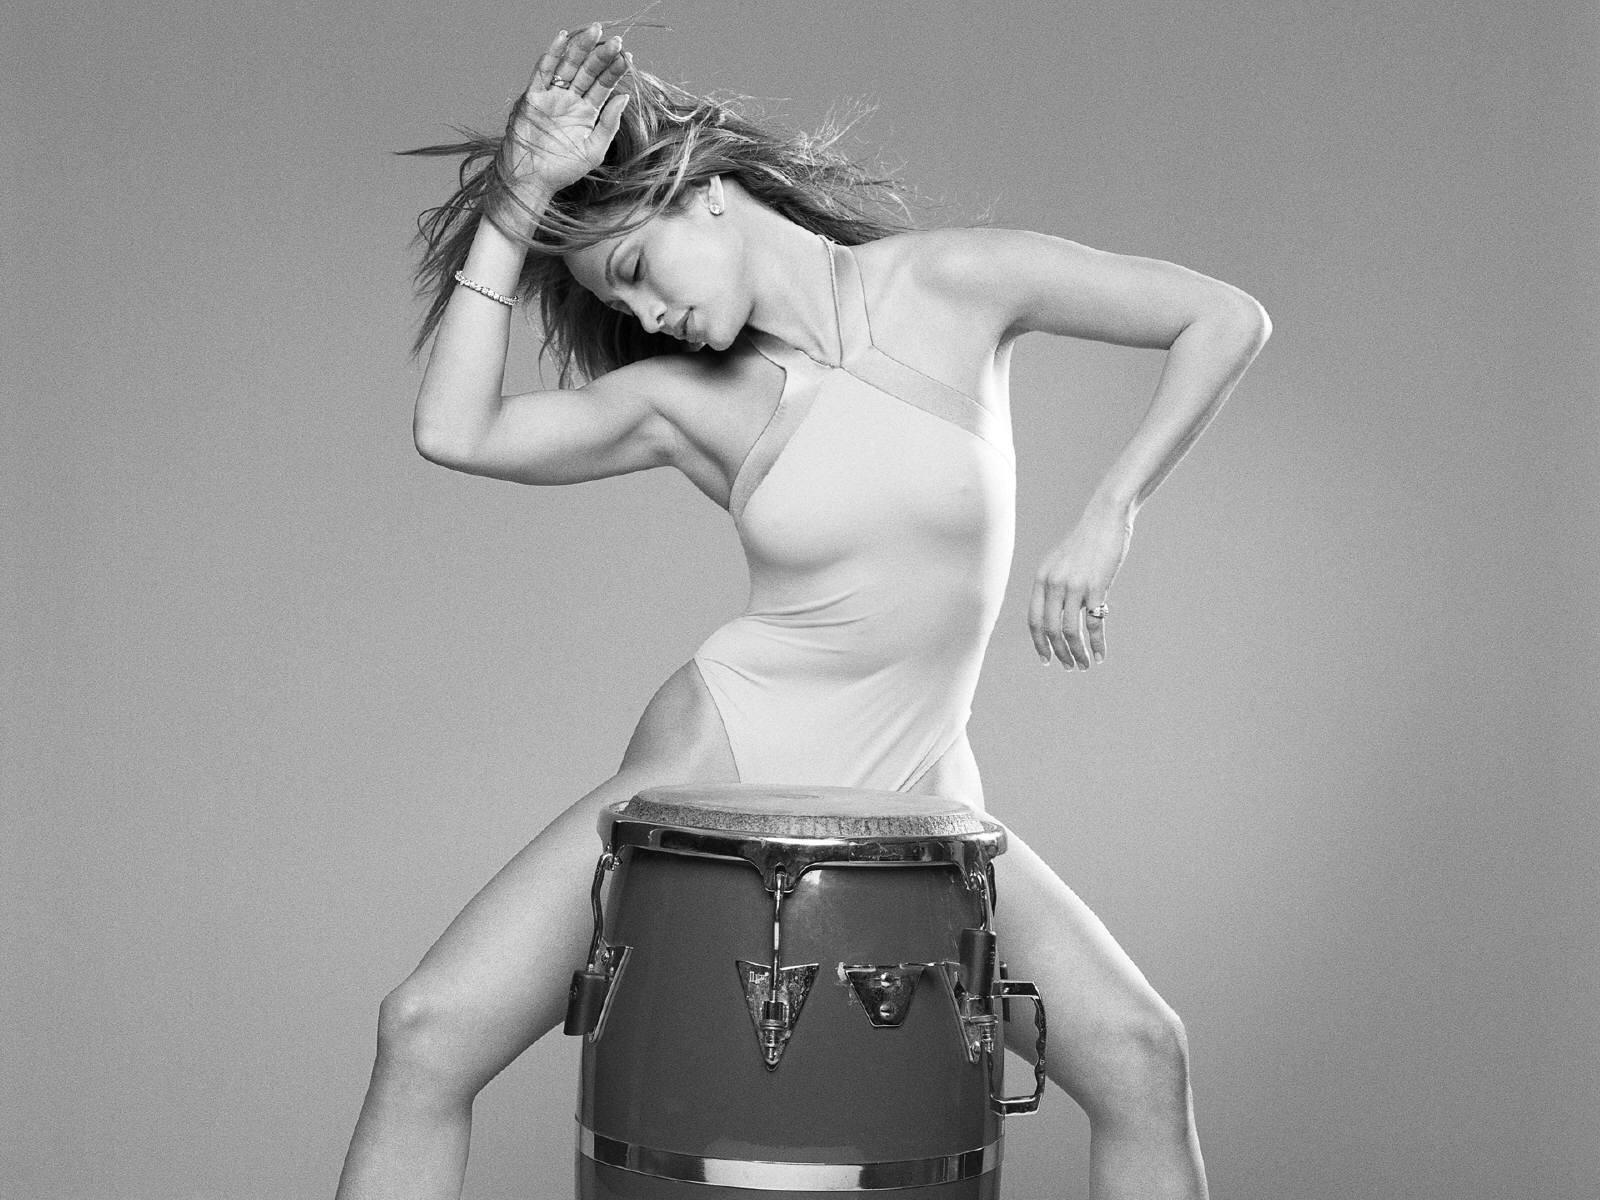 Wallpaper - ritmo e sensualità per Jennifer Lopez, star indiscussa del pop latino